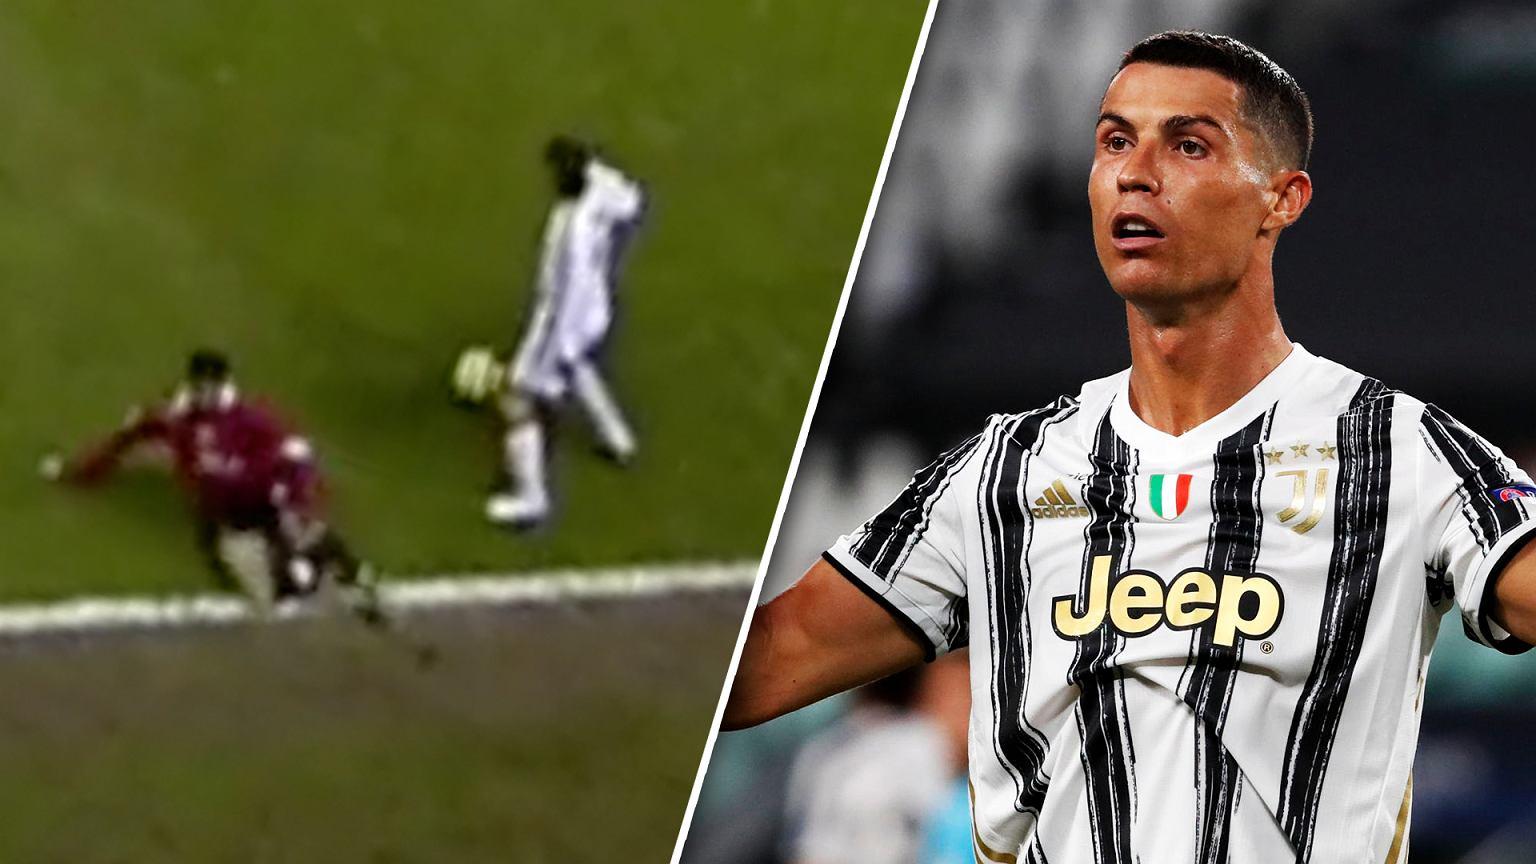 Jak Andrea Pirlo ośmieszył kiedyś Cristiano Ronaldo Piłka nożna - Sport.pl